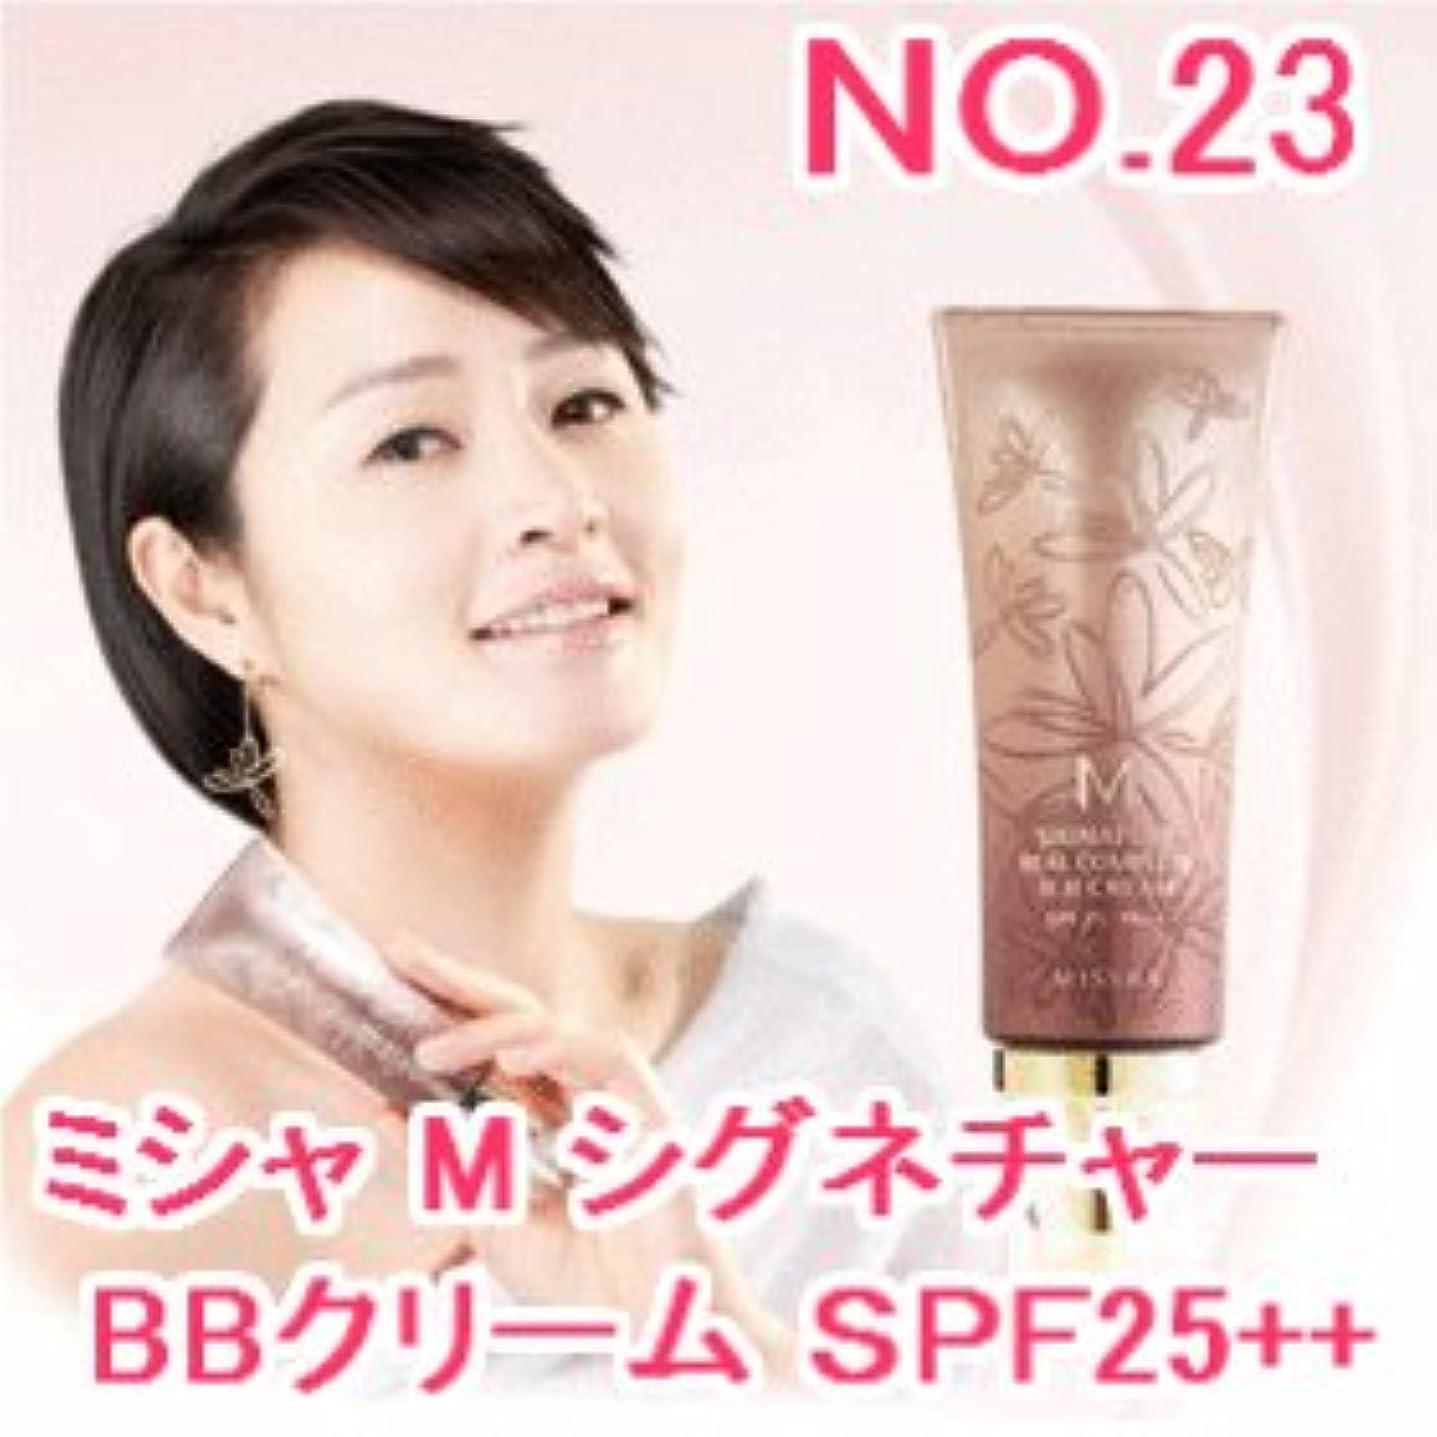 レディ気質ご意見NO.23 ミシャ M シグネチャー リアルコンプリート BBクリーム SPF25 PA++